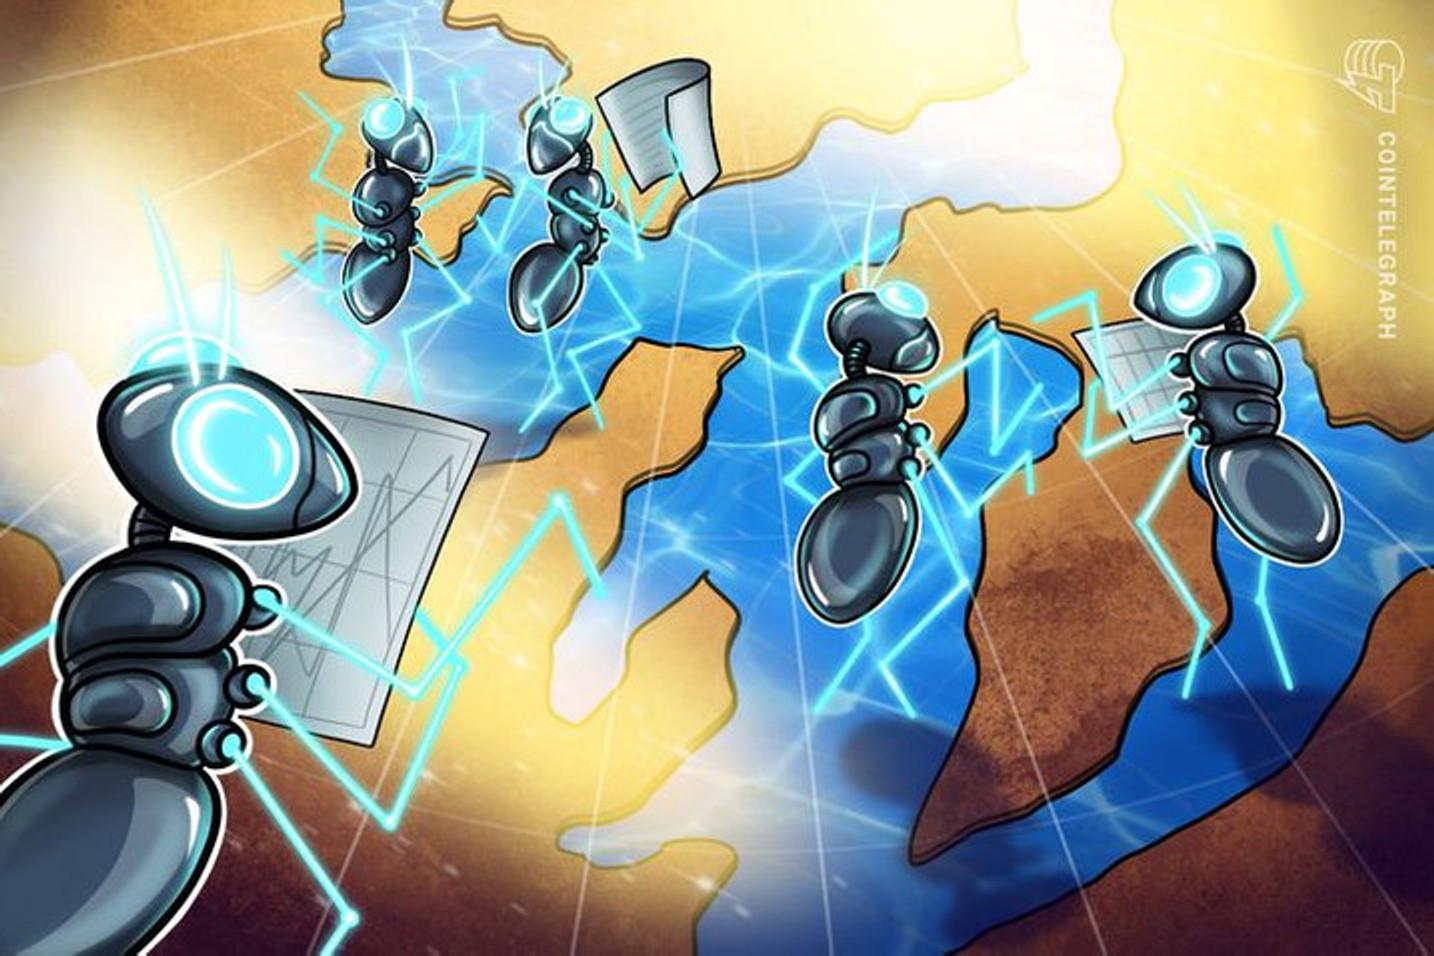 Grupo Avintia se adhiere a Alastria para adquirir la tecnología Blockchain como herramienta clave en el sector